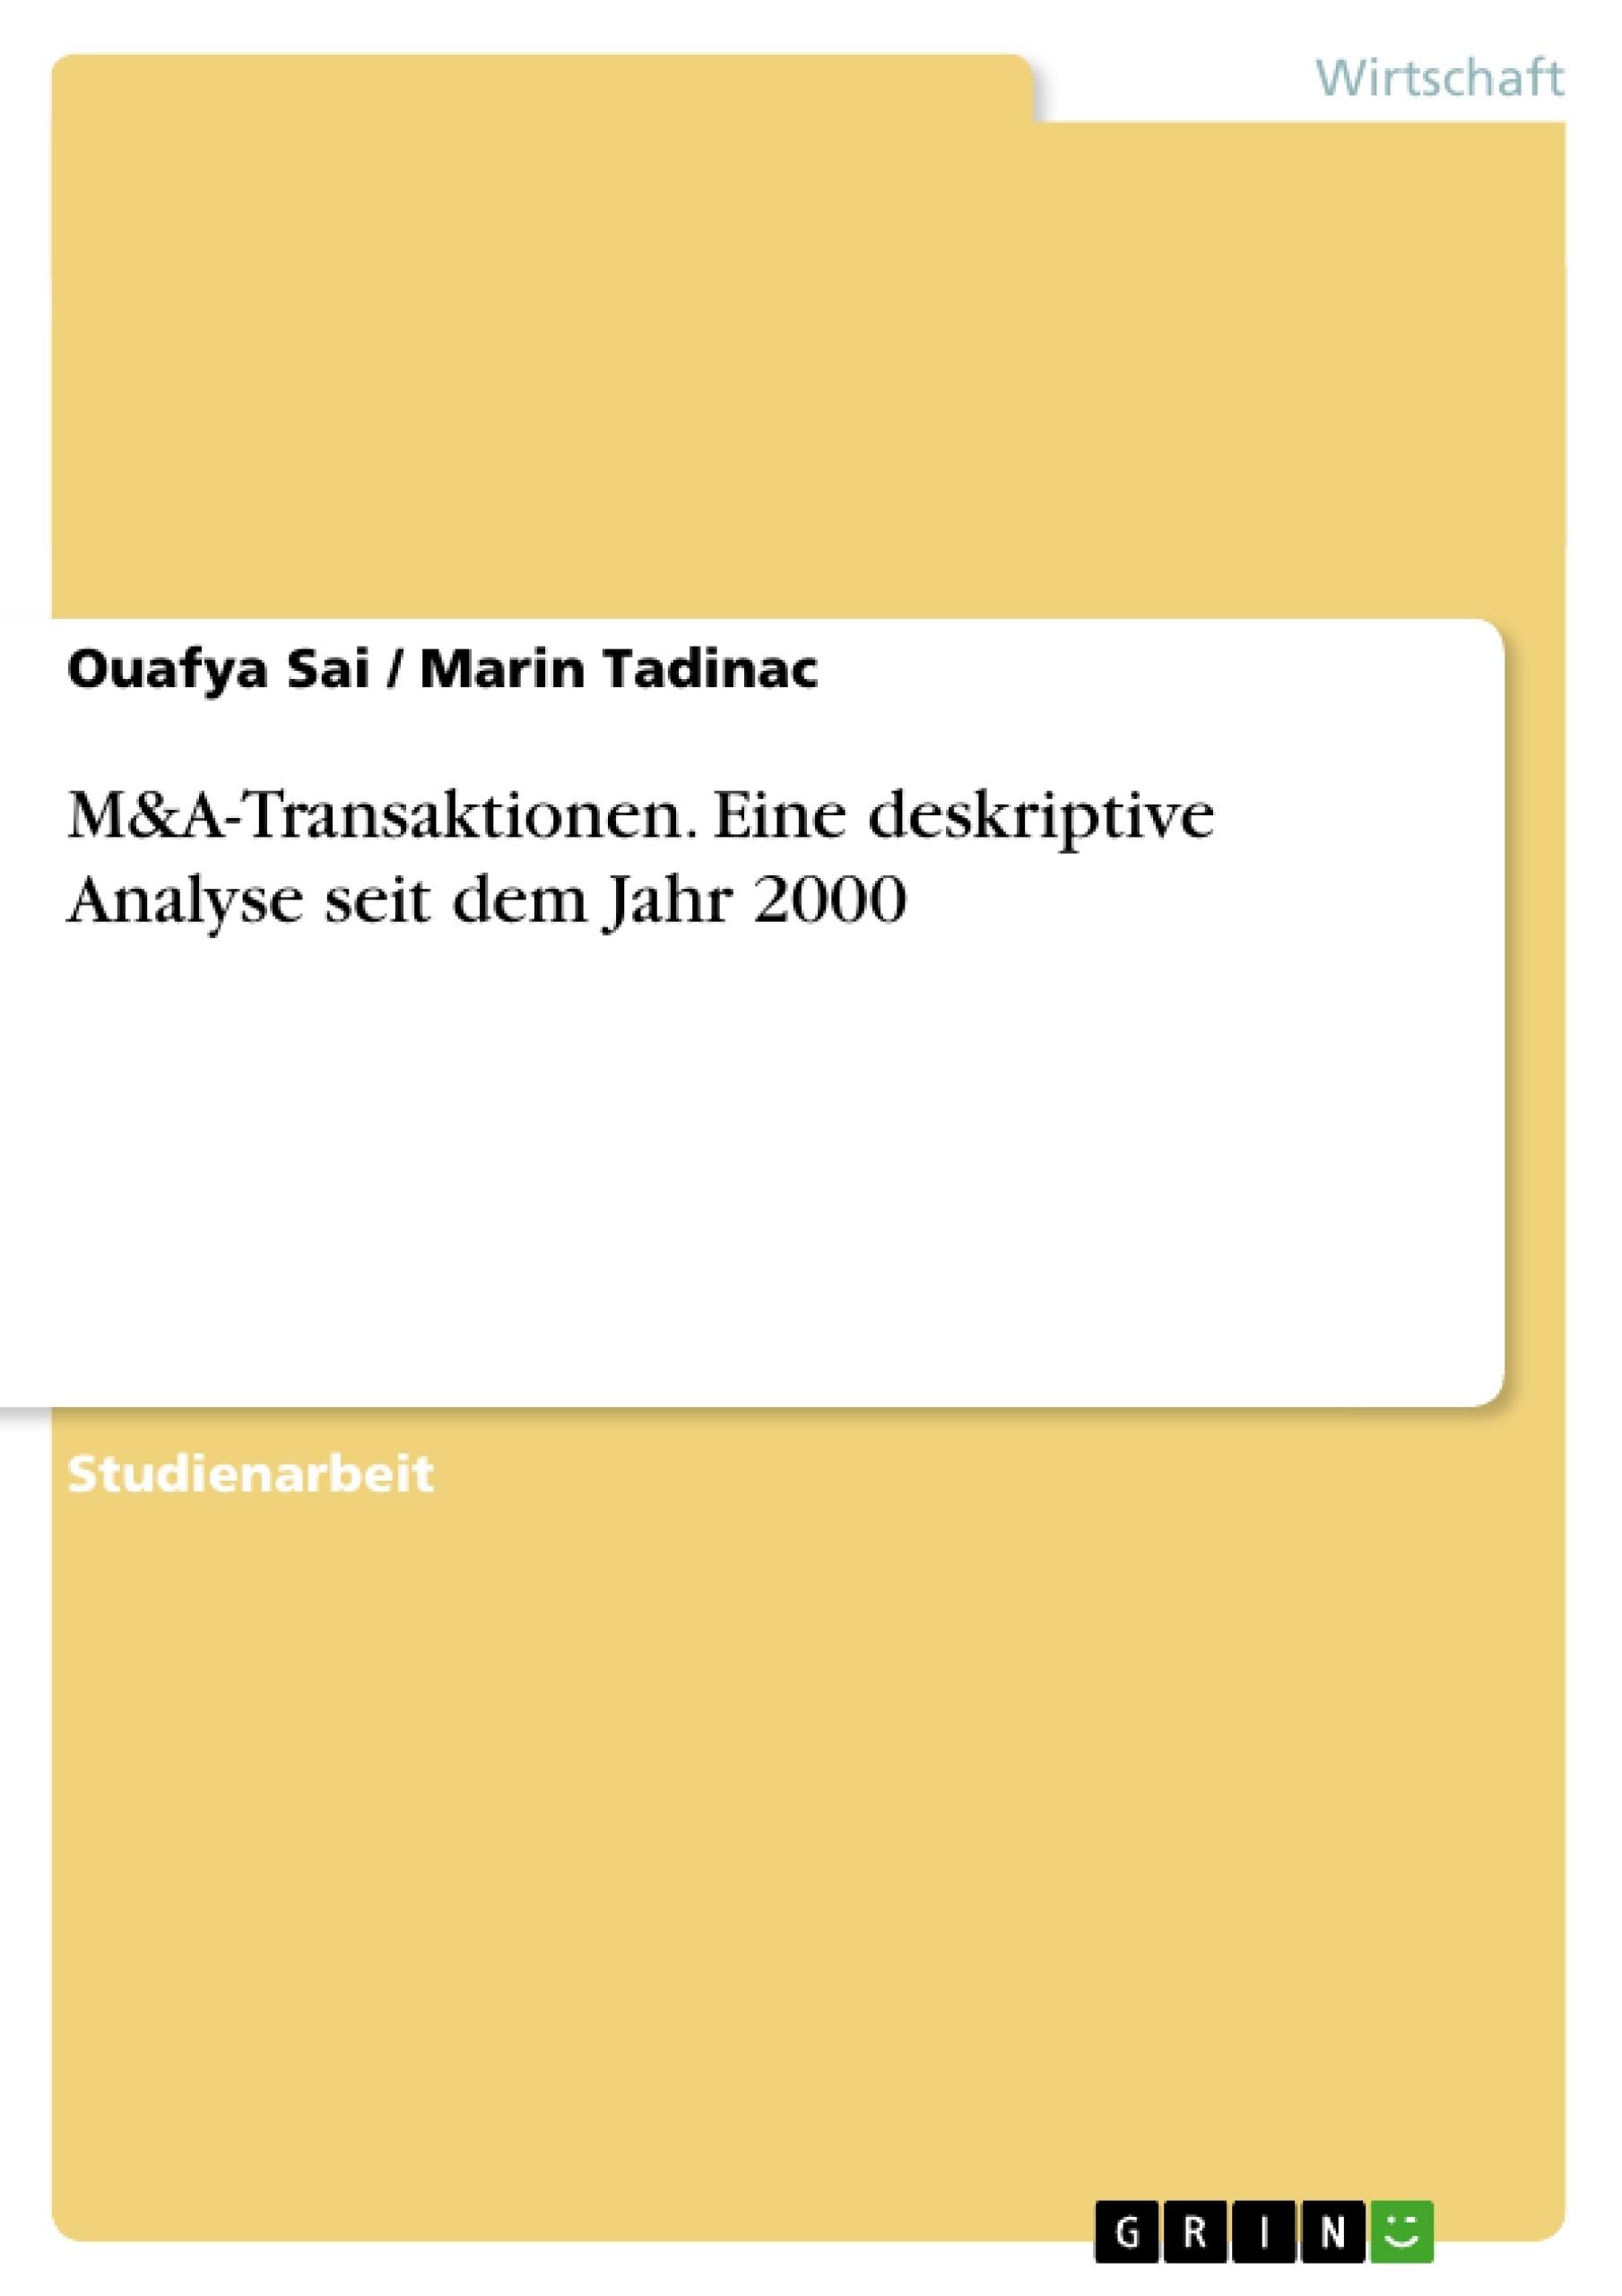 Titel: M&A-Transaktionen. Eine deskriptive Analyse seit dem Jahr 2000